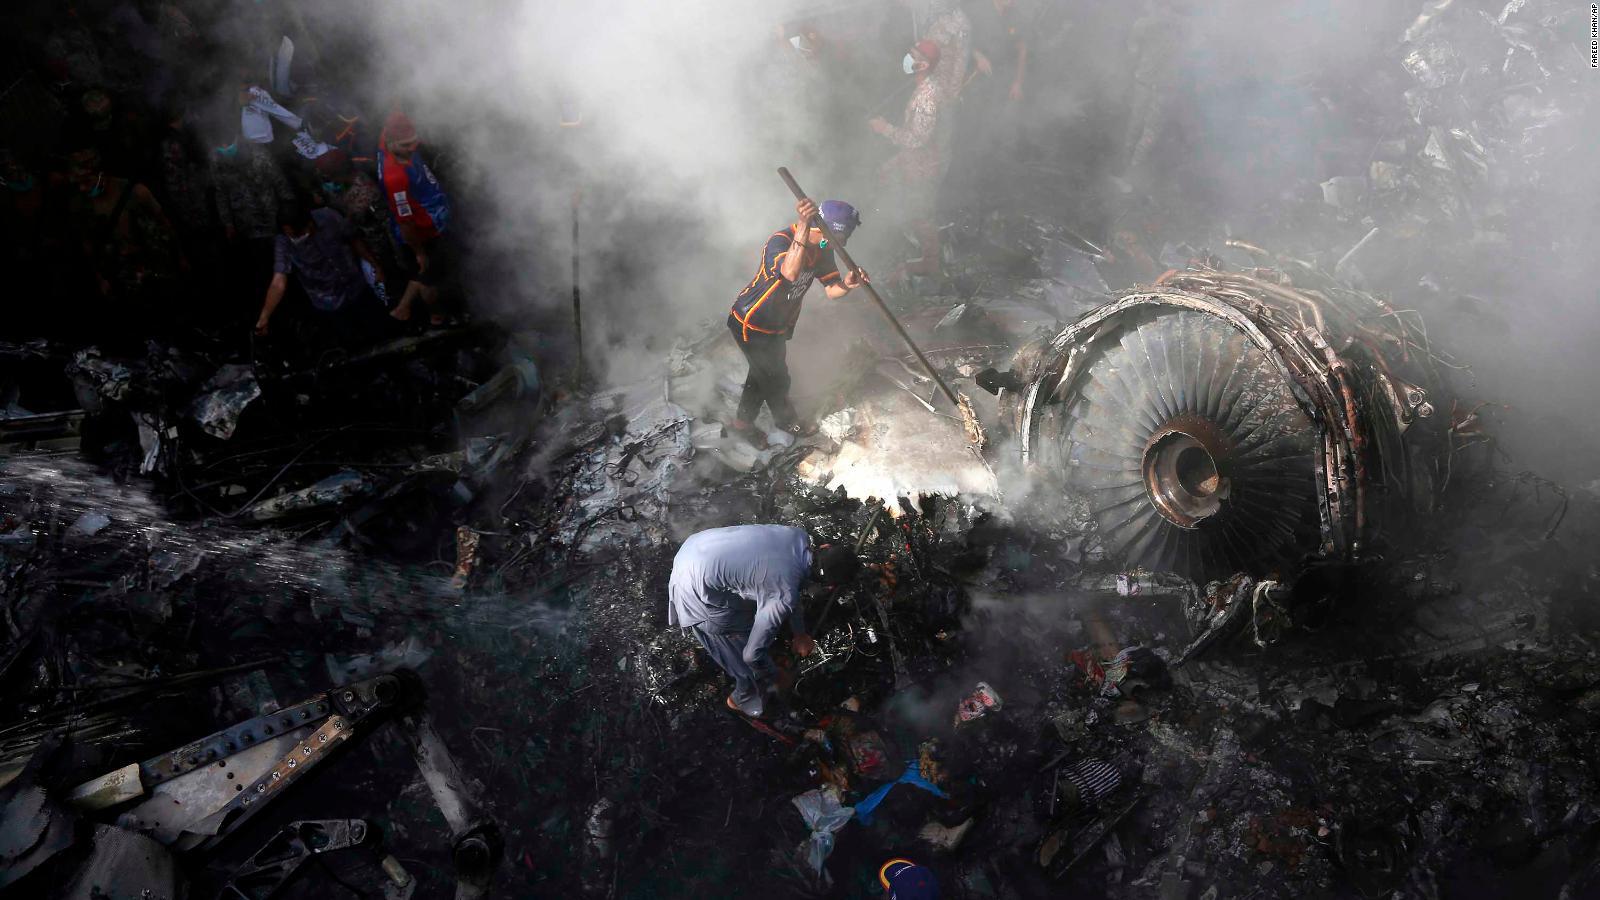 Hơn 10 ngày sau khi máy bay Pakistan rơi, bé gái trên mặt đất tử vong